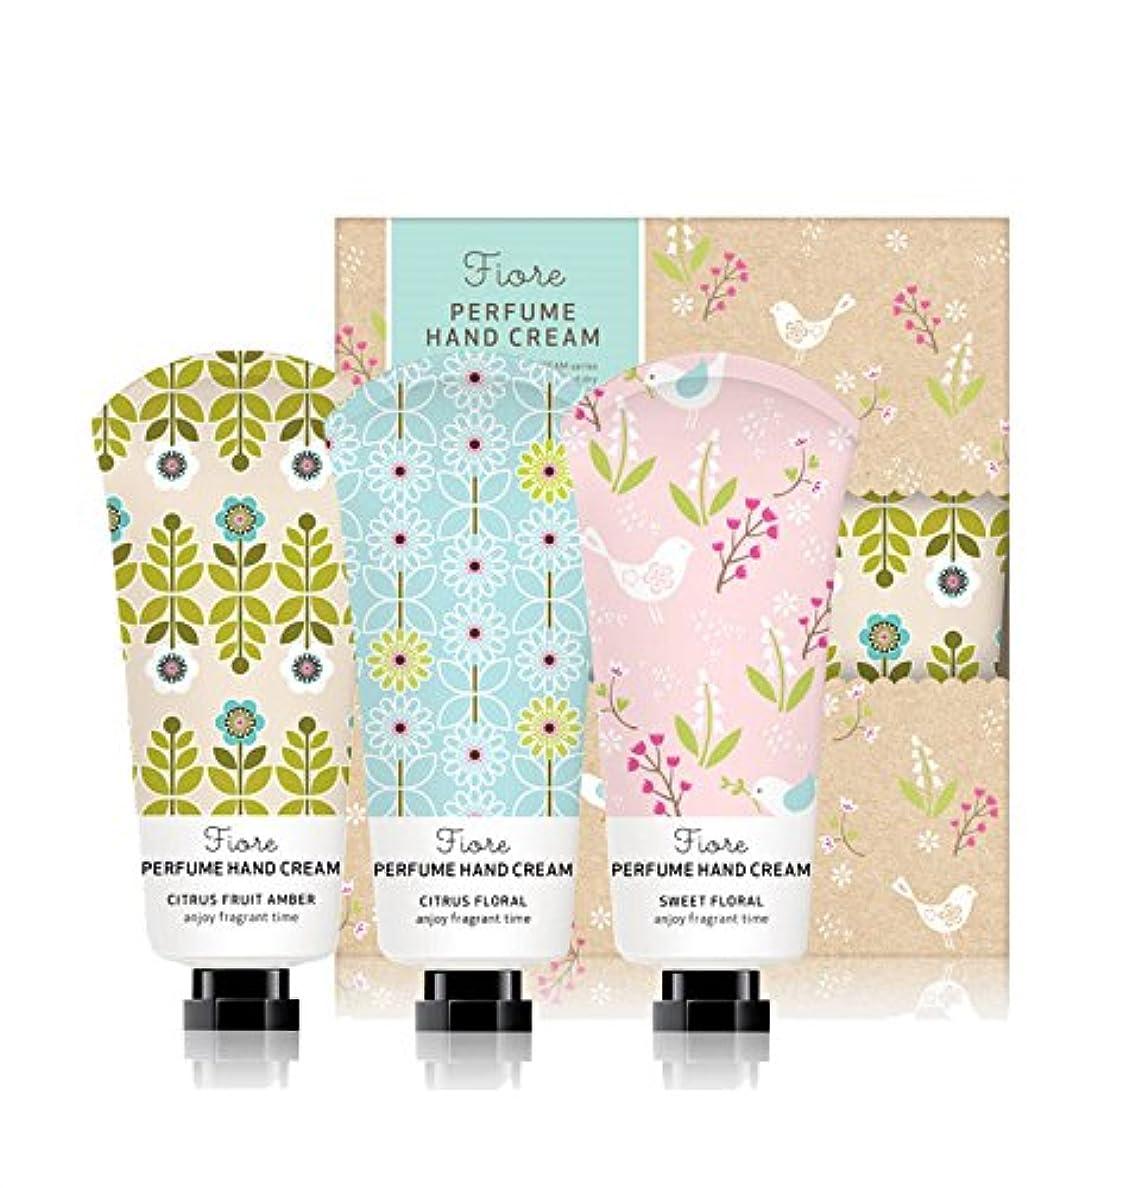 死にかけている手綱口ひげ[Fiore★ギフト用紙袋贈呈] パフュームハンドクリーム?スペシャルセット 60g x 3個セット / Perfume Hand Cream Specail Set